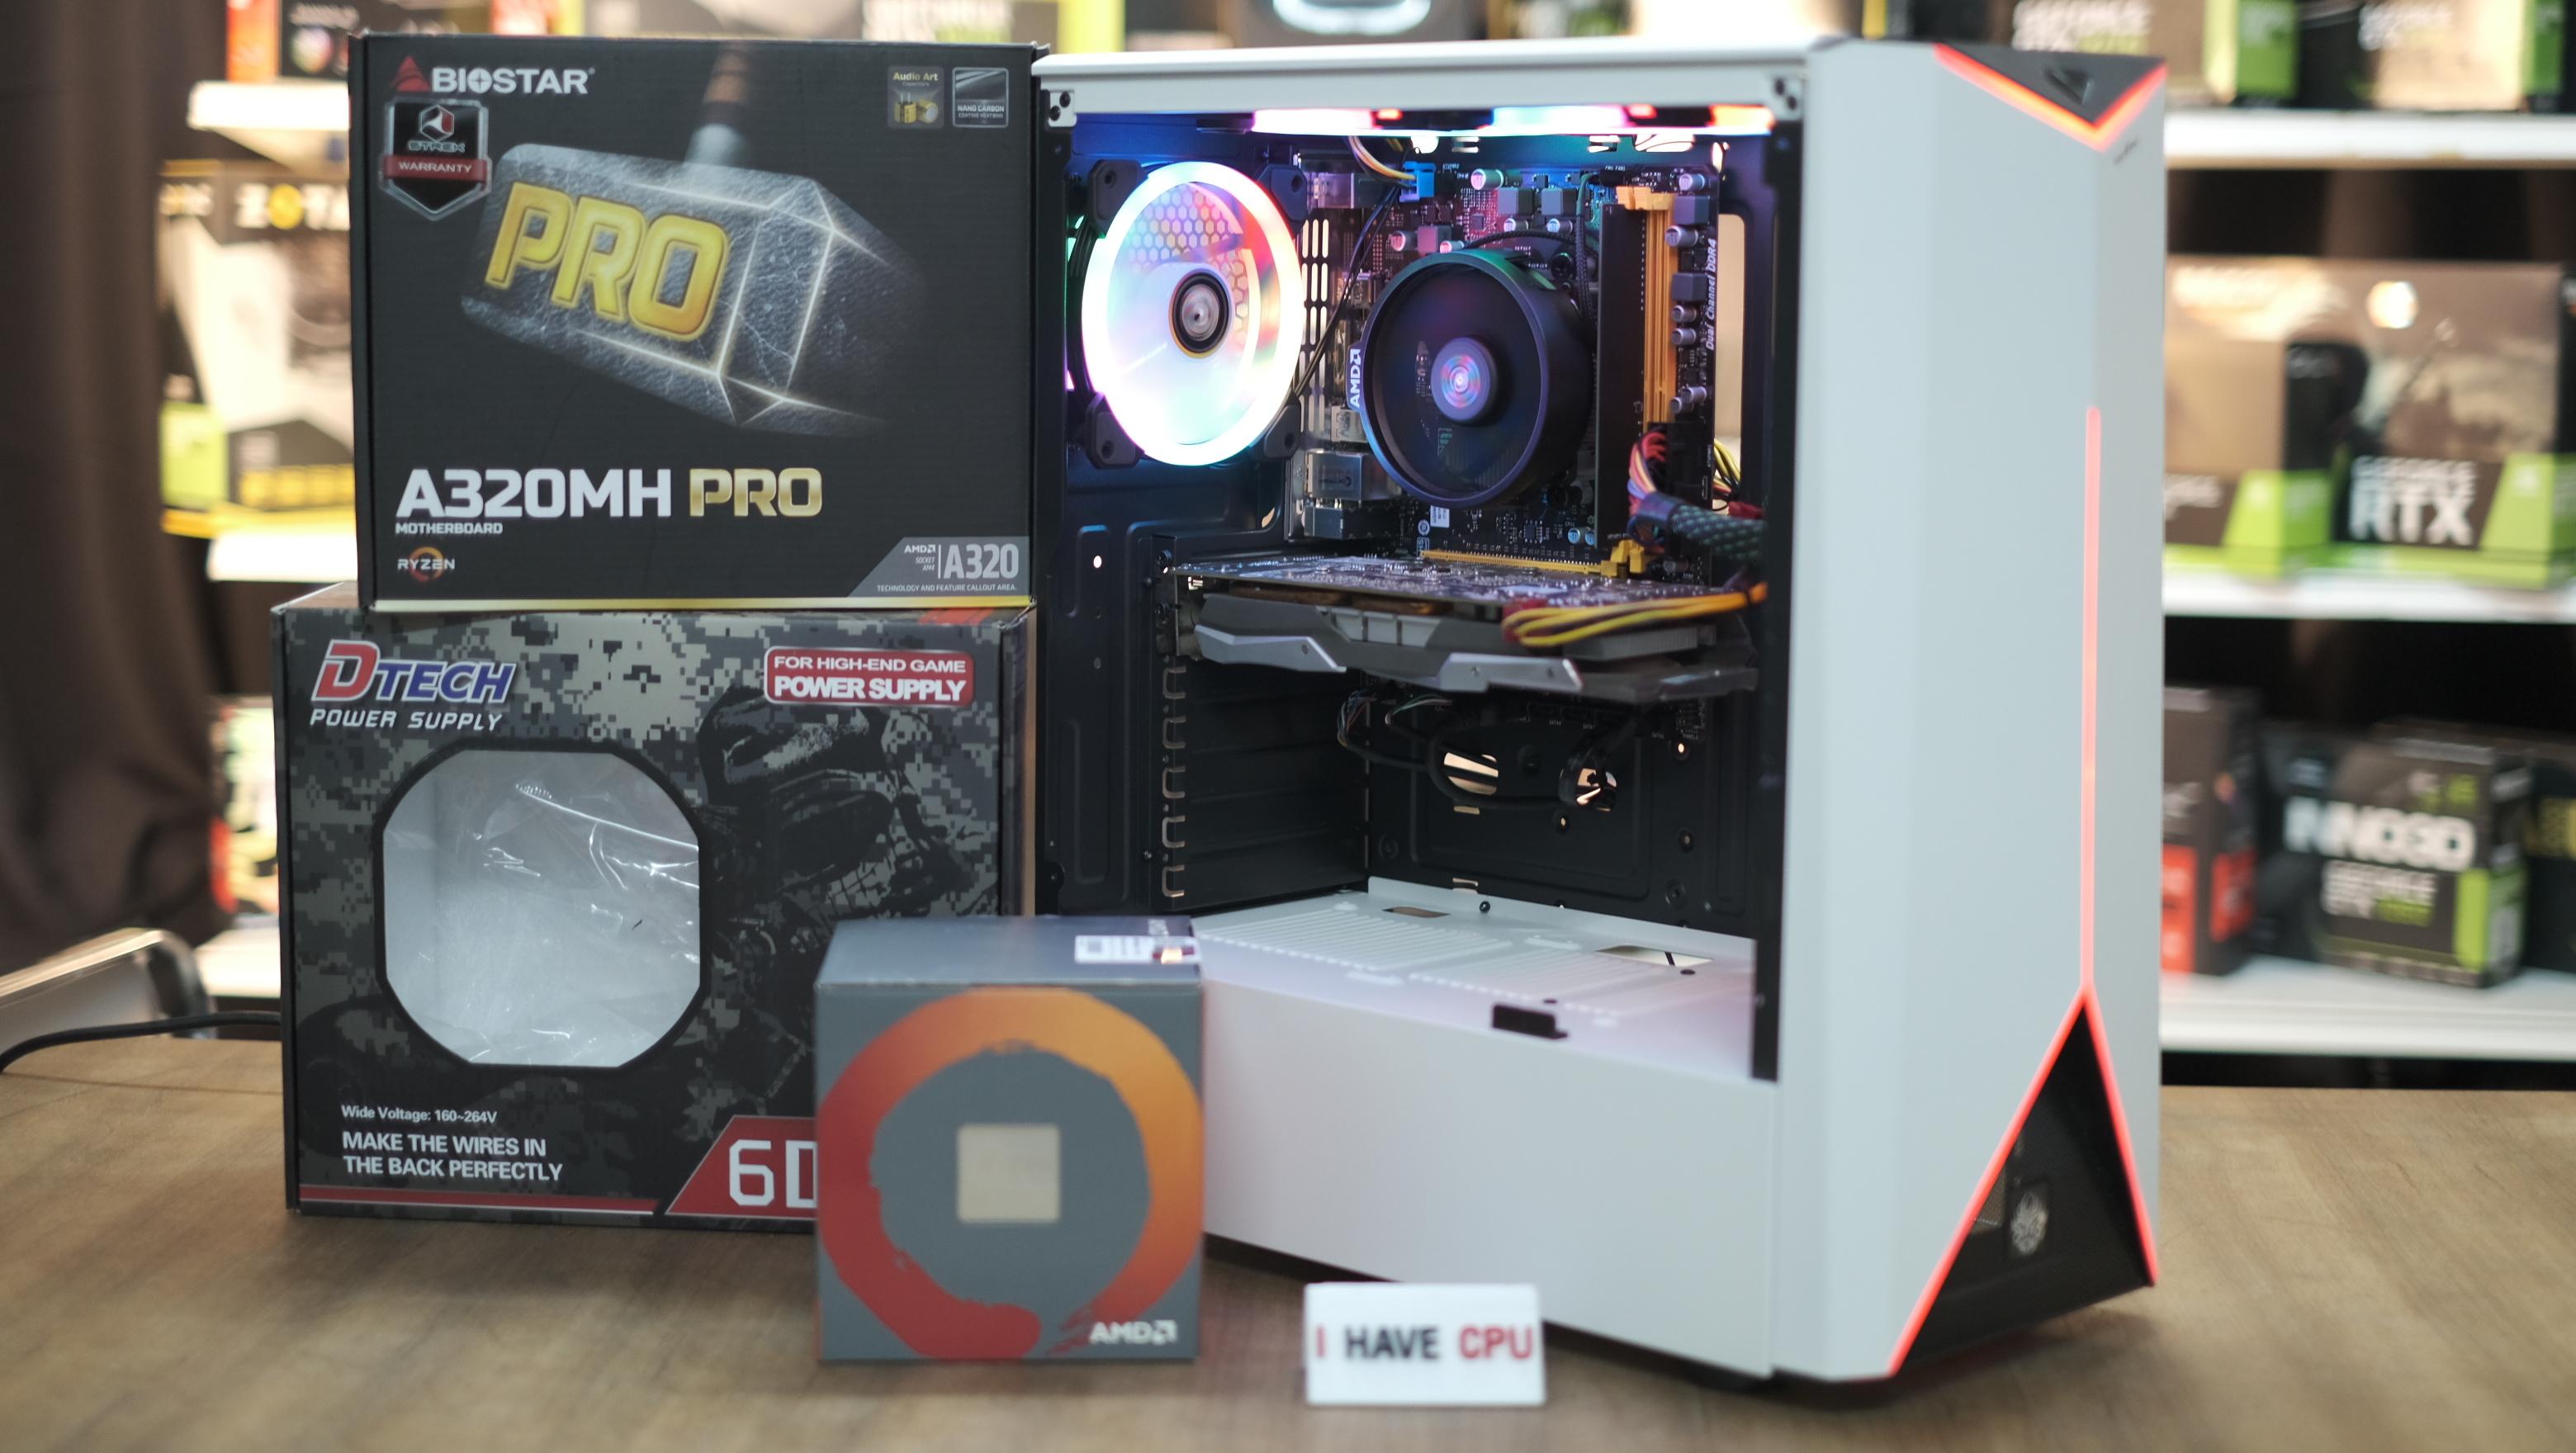 โปรโมชั่่นหนักๆ พร้อมใช้ INTELXeon E3-1245 V2 3 8Ghz 4C 8T /8GB DDR3  1600Mhz /AMD RX 570 4GB / 120GB SSD